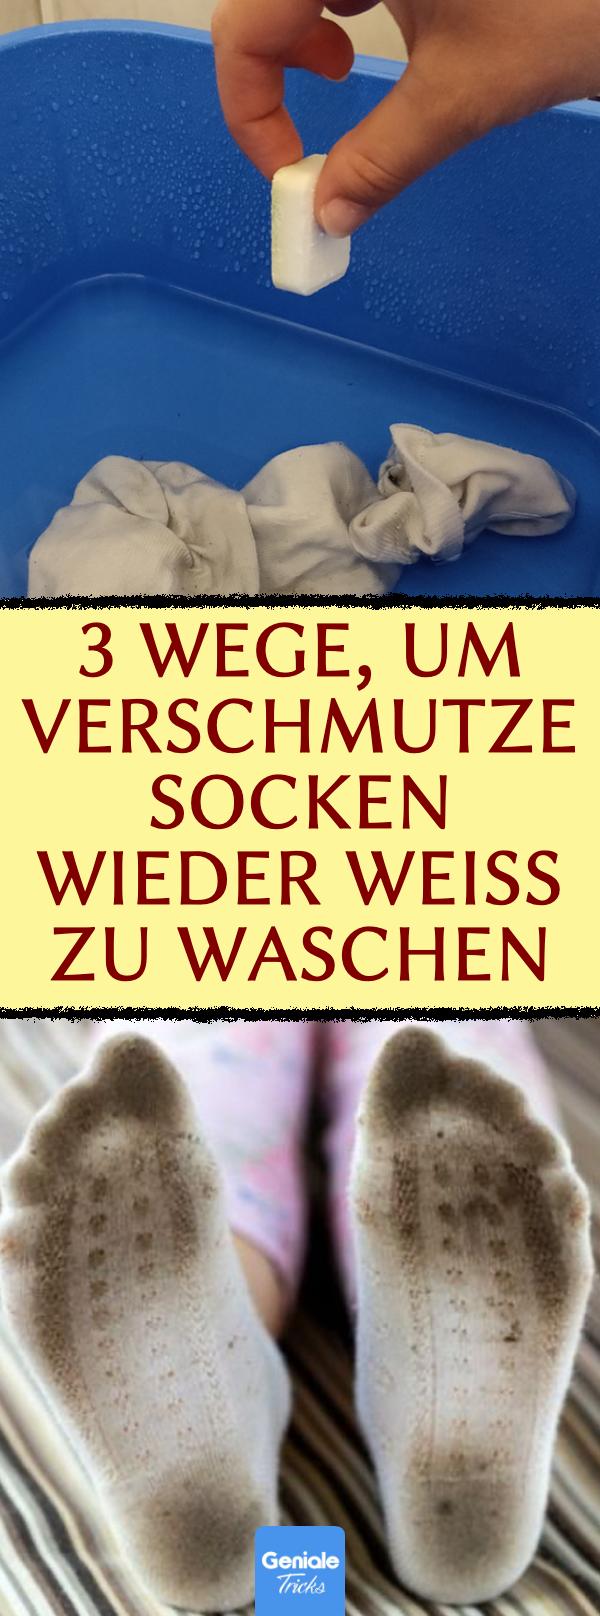 4 Tricks, um vergilbte Socken wieder weiß zu waschen in